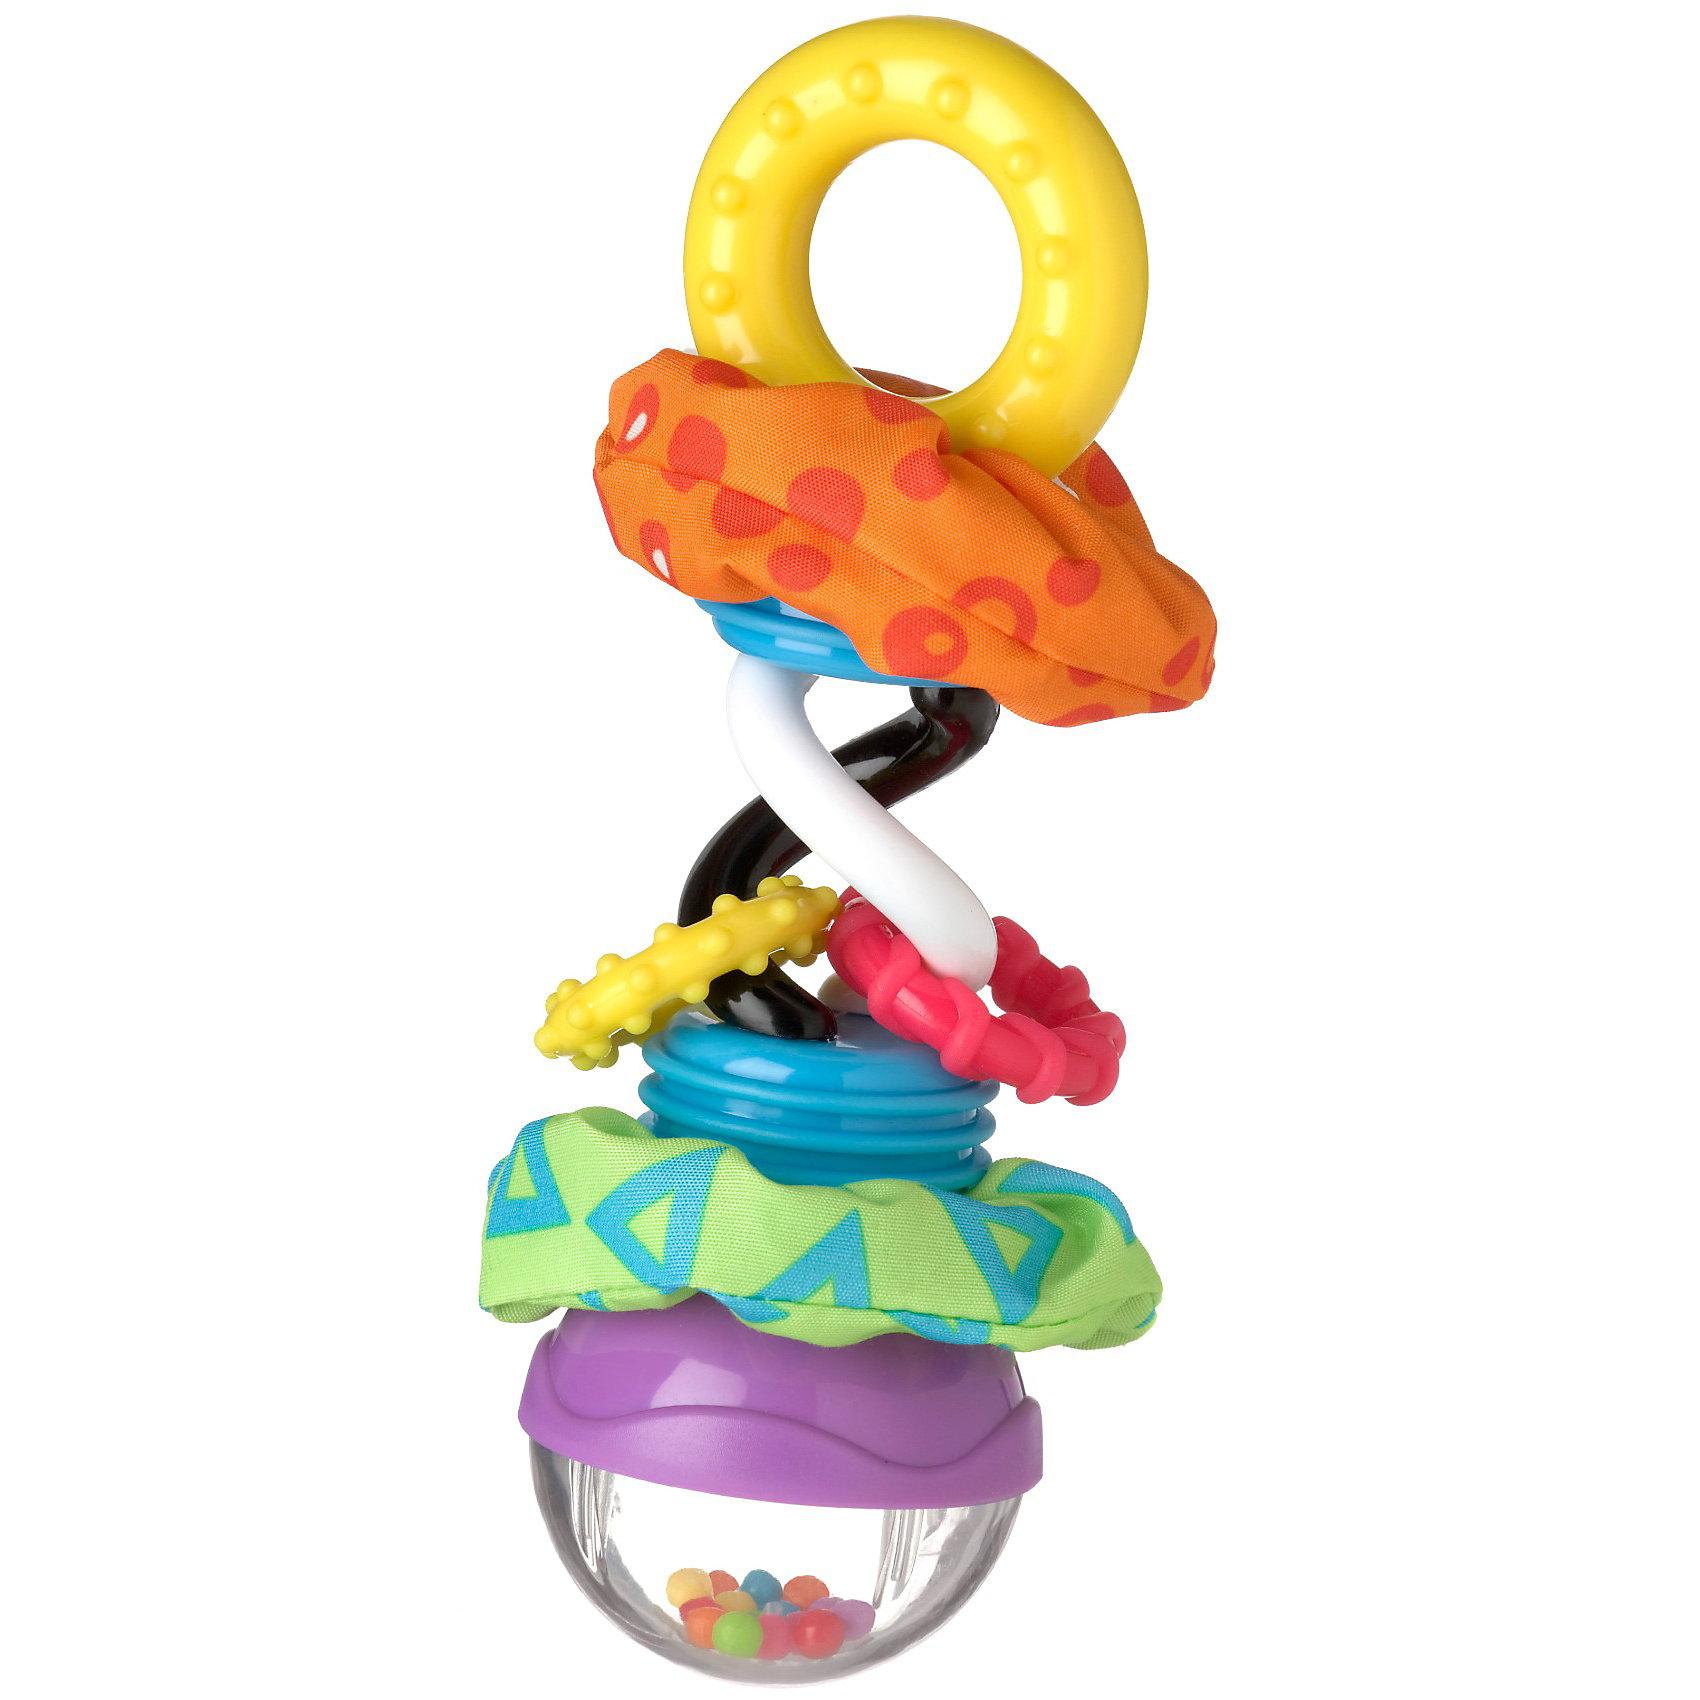 Игрушка-погремушка с прорезывателем PlaygroПрорезыватели<br>Игрушка-погремушка с прорезывателем Playgro (Плейгро) сочетает в себе большое количество ярких элементов с различными функциональными возможностями!<br><br>В верхней части, под прозрачным куполом находятся разноцветные шарики, которые весело гремят и скачут, стоит только потрясти погремушкой. Эффект усиливает зеркальная поверхность, на которой они находятся.<br><br>Две контрастные спирали (черная и белая) способствуют развитию фокусировки глаз малыша. На спиралях расположены два  пластиковых кольца-прорезывателя  с рифленой поверхностью.<br><br>Также на игрушке-погремушке расположены две вставки из текстильных материалов с шуршащим наполнителем.<br><br>Пластиковое колечко внизу погремушки разработано с учетом маленьких ручек ребенка, чтобы ему было удобно держать игрушку или трясти ее.<br><br>Игрушку-погремушку с прорезывателем Playgro можно купить в нашем интернет-магазине.<br><br>Ширина мм: 109<br>Глубина мм: 60<br>Высота мм: 182<br>Вес г: 200<br>Возраст от месяцев: 0<br>Возраст до месяцев: 36<br>Пол: Унисекс<br>Возраст: Детский<br>SKU: 2487983